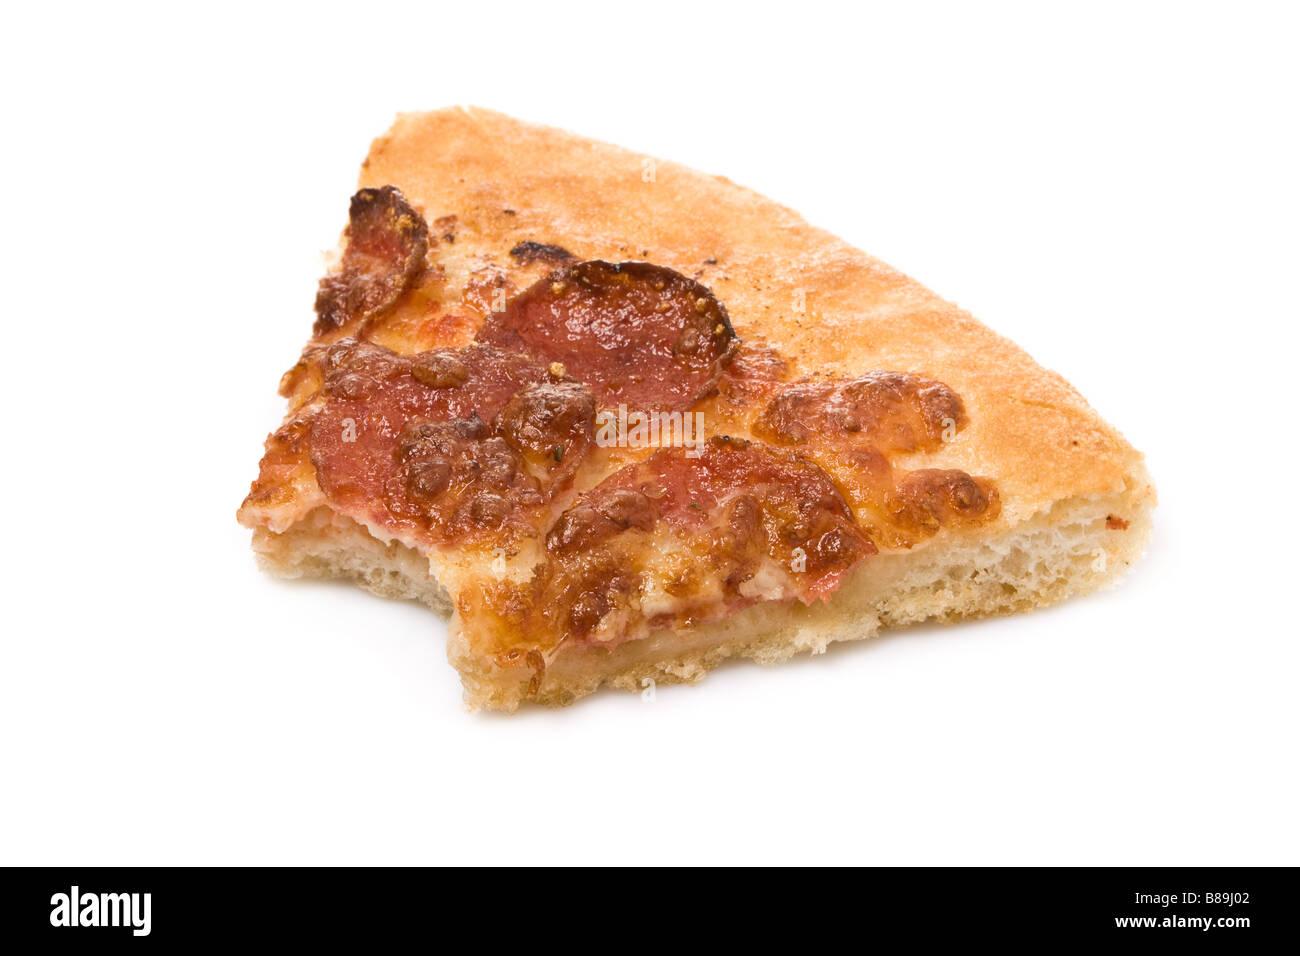 Mordido pizza de pepperoni slice sobras aislado sobre fondo blanco. Recorte recorte comida rápida picadura Imagen De Stock